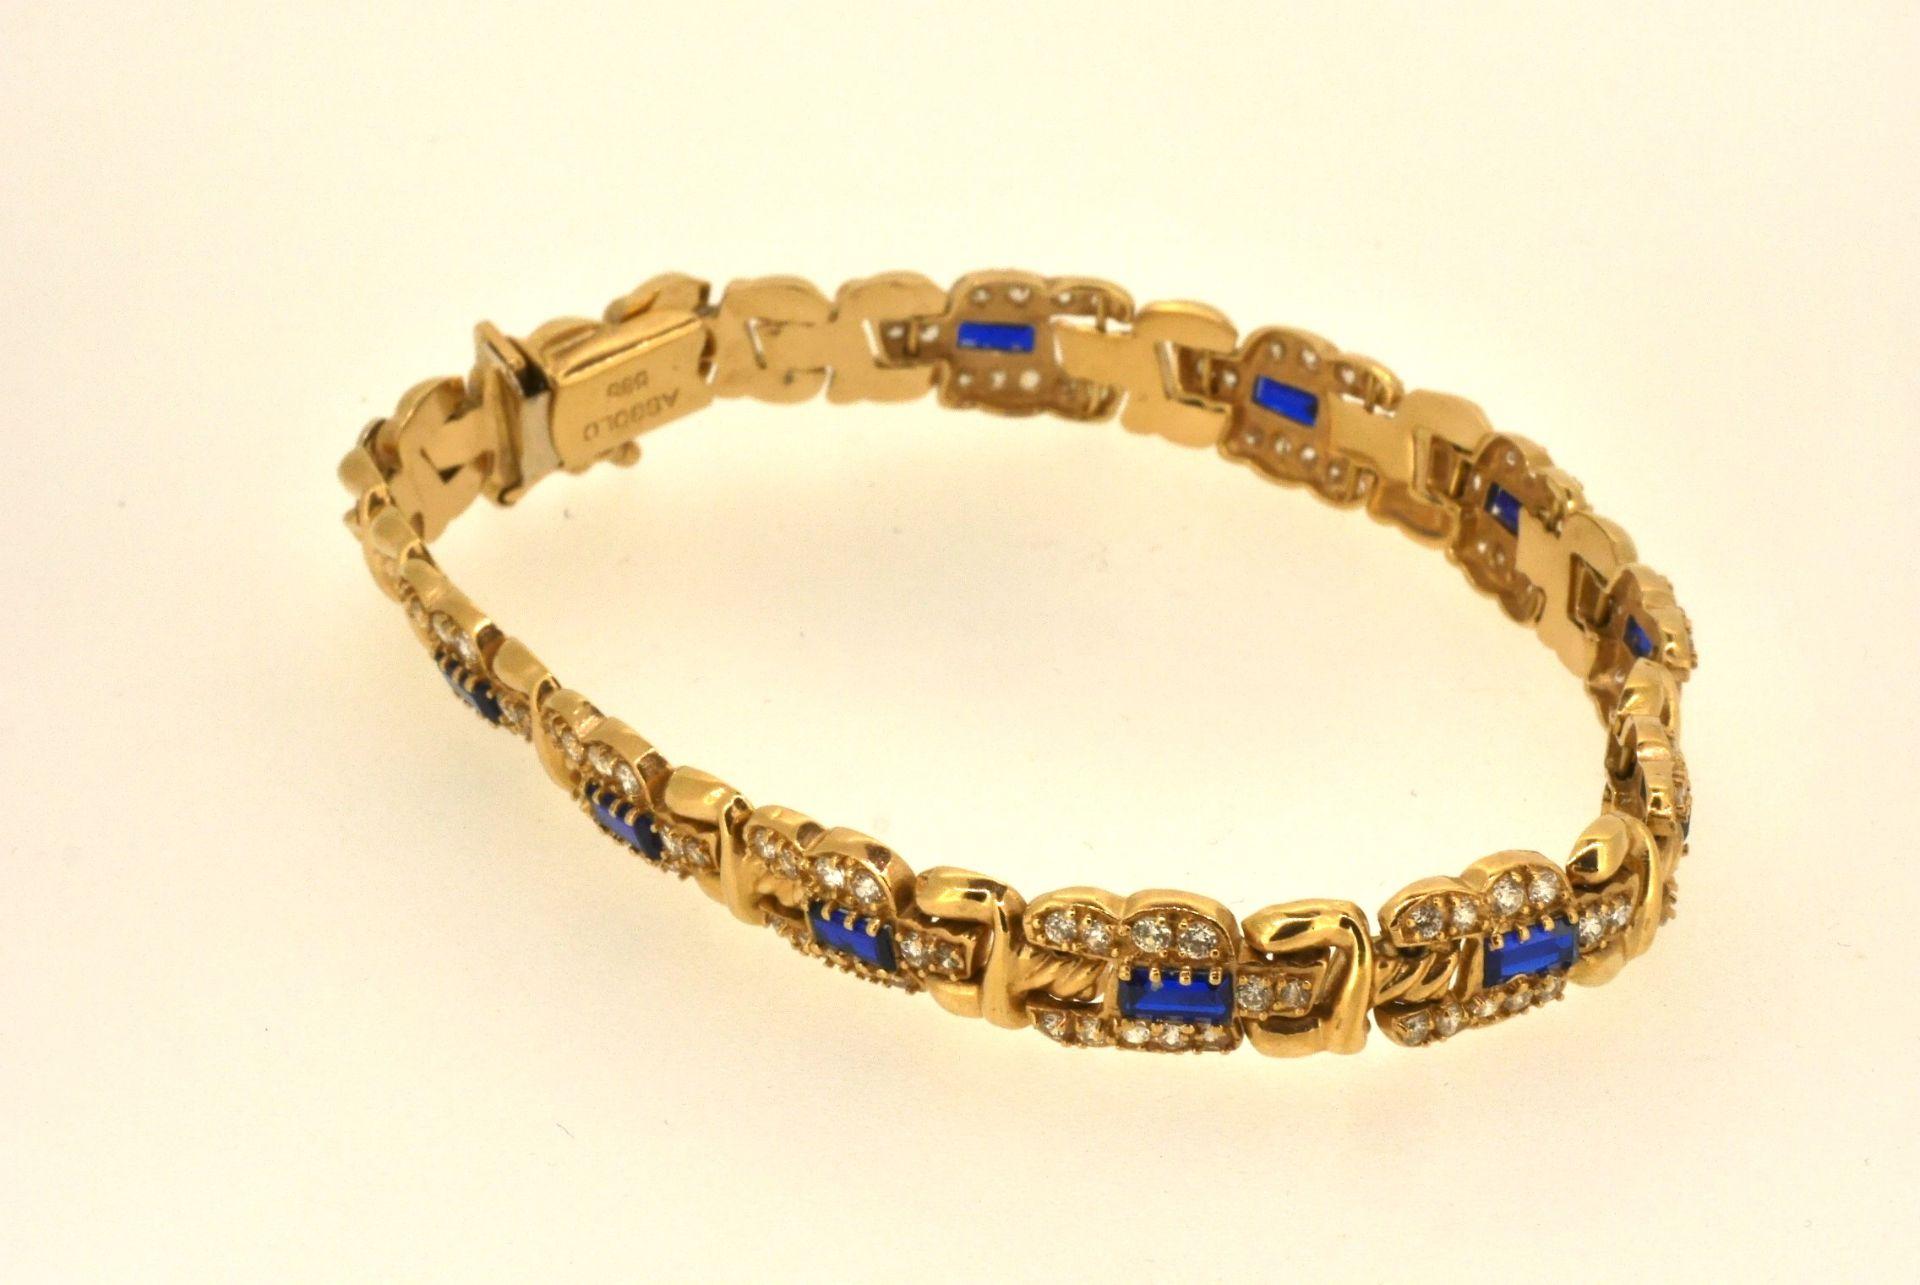 Armband GG 585, Zirkonia, blaue Steine, 16,19 Gramm